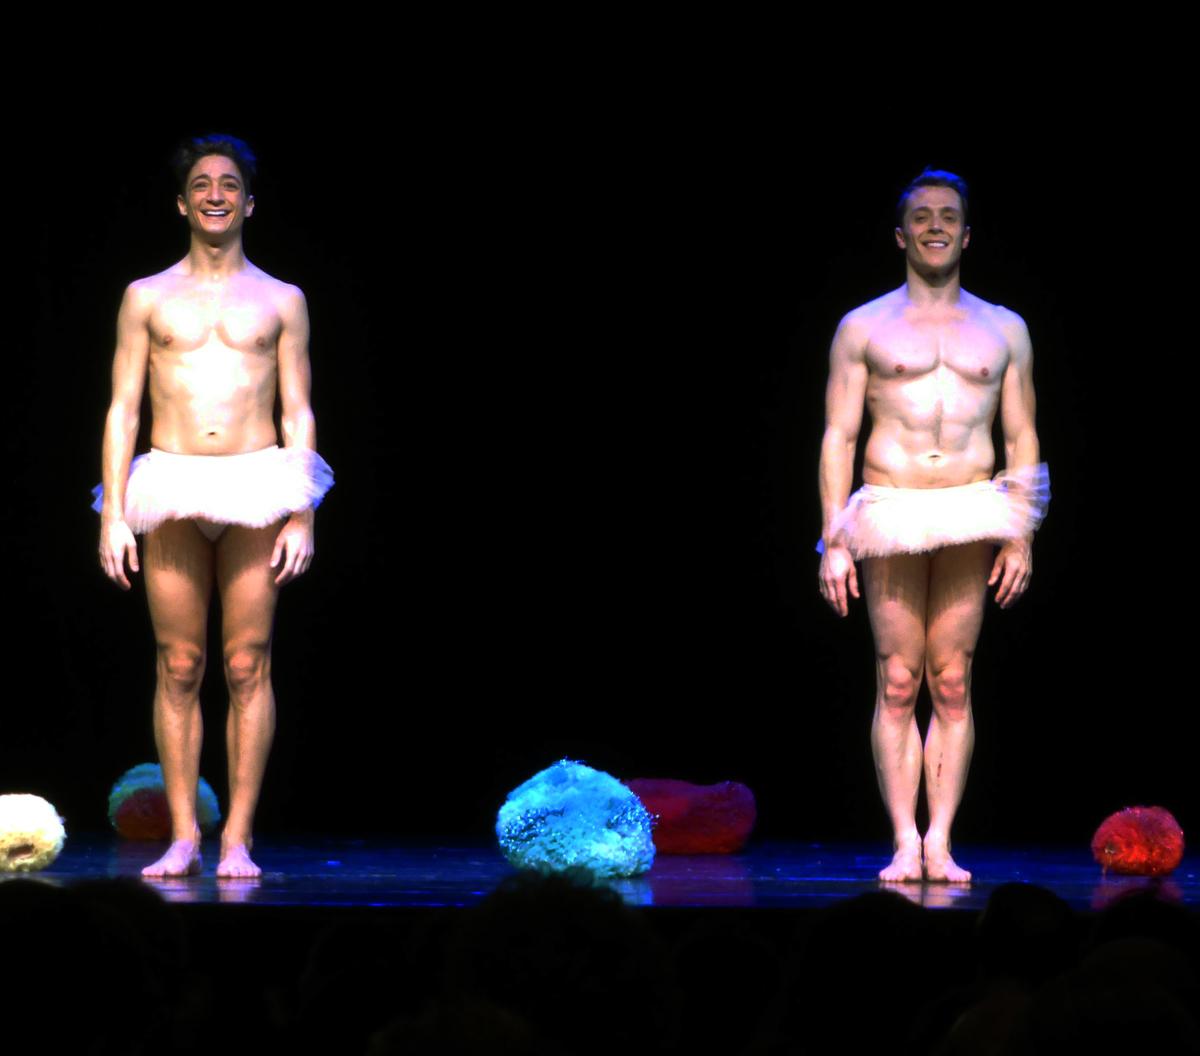 Tutu par Chicos Mambo spectacle la danse dans tous ses états avec Loïc Consalvo et Julien Mercier danseurs photo salut scène by United States of Paris blog